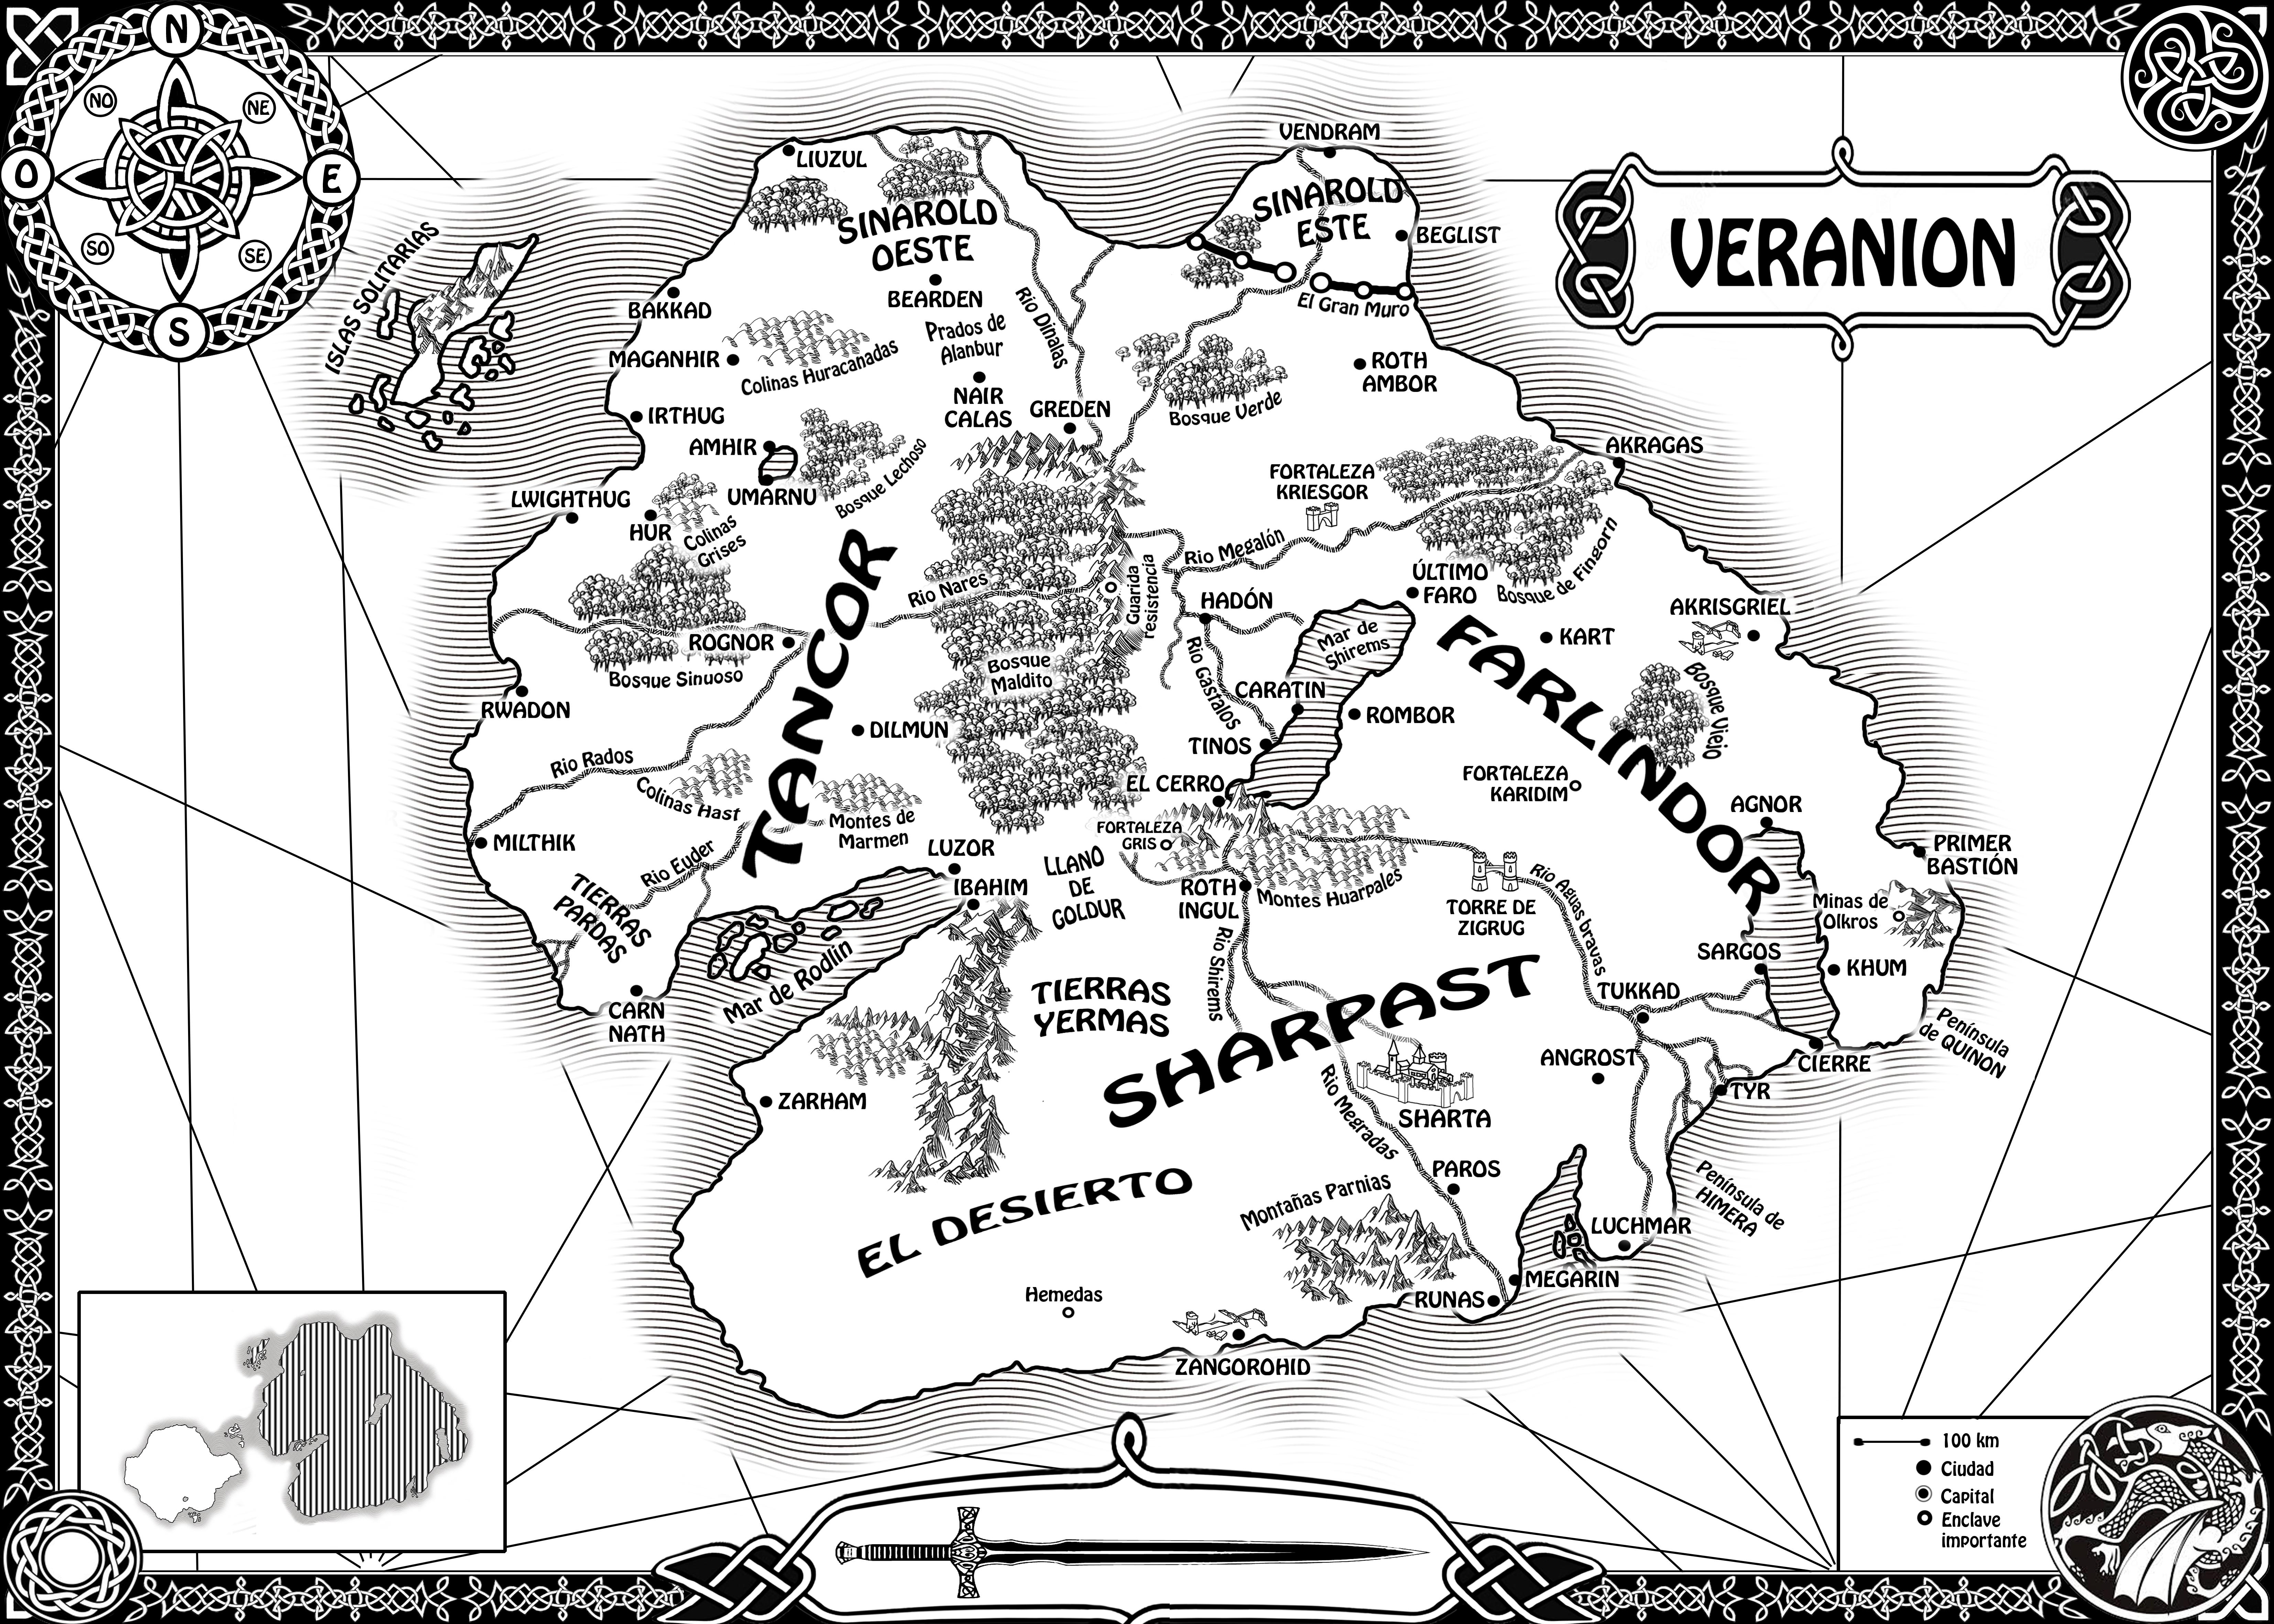 mapa de veranion